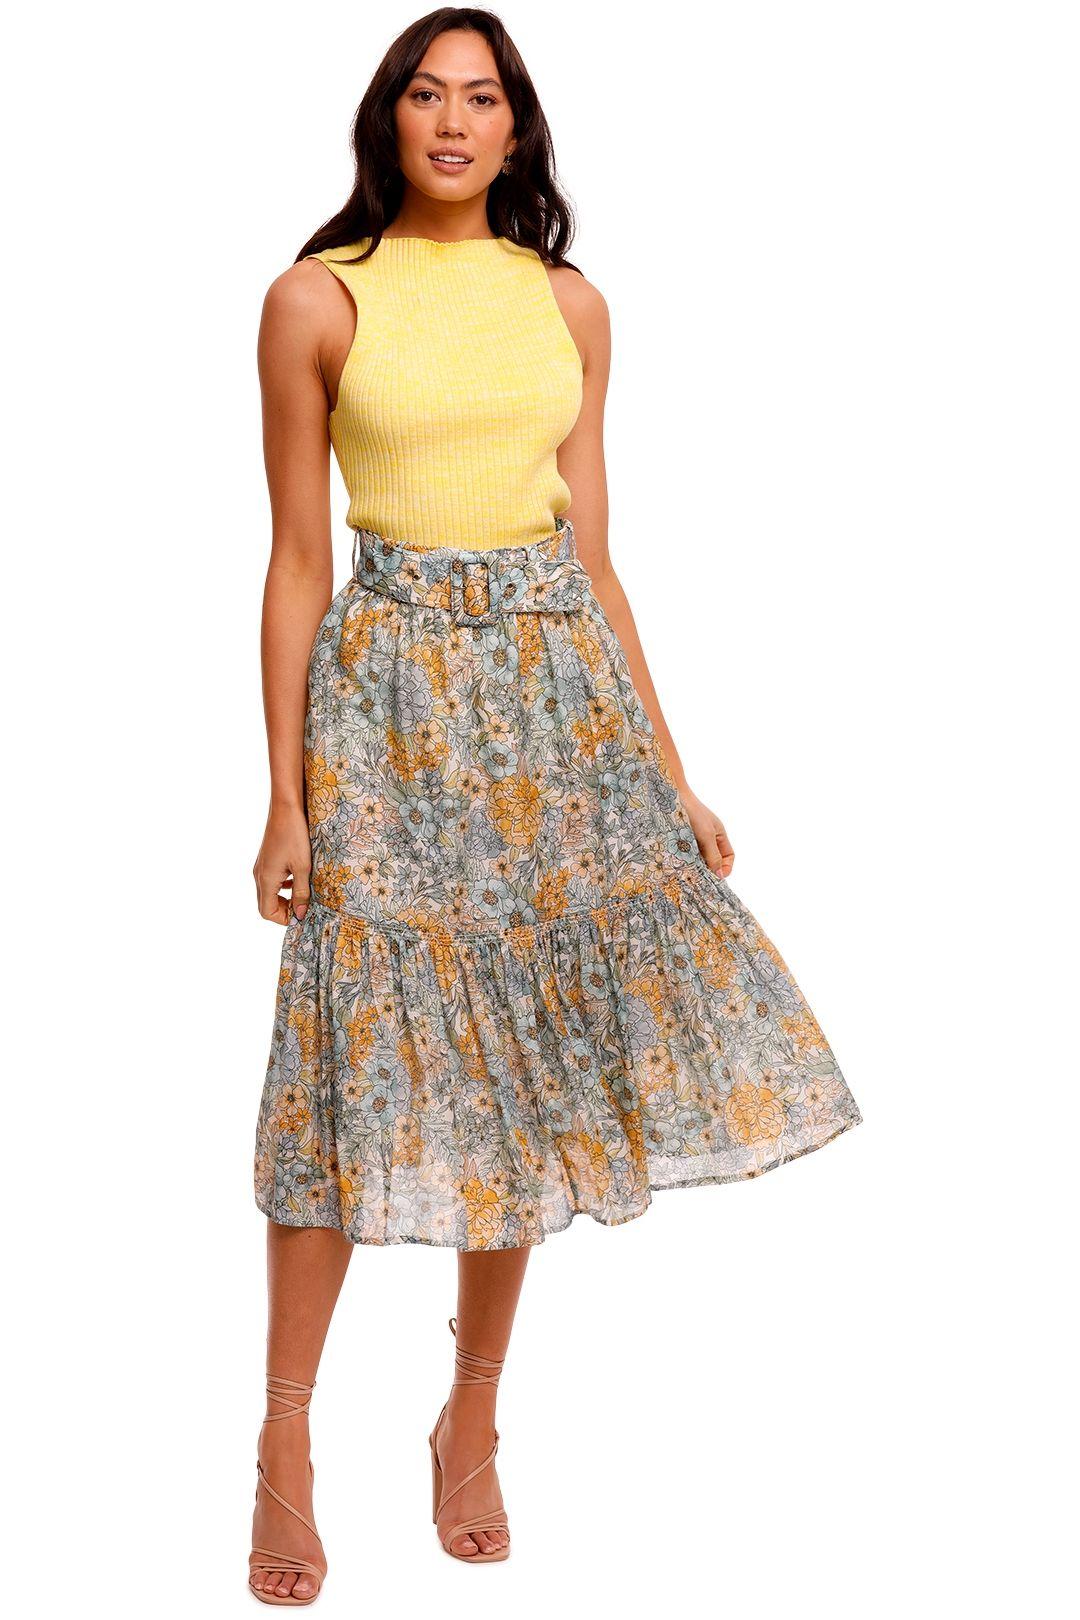 Anna Quan Lena Top Limoncello yellow